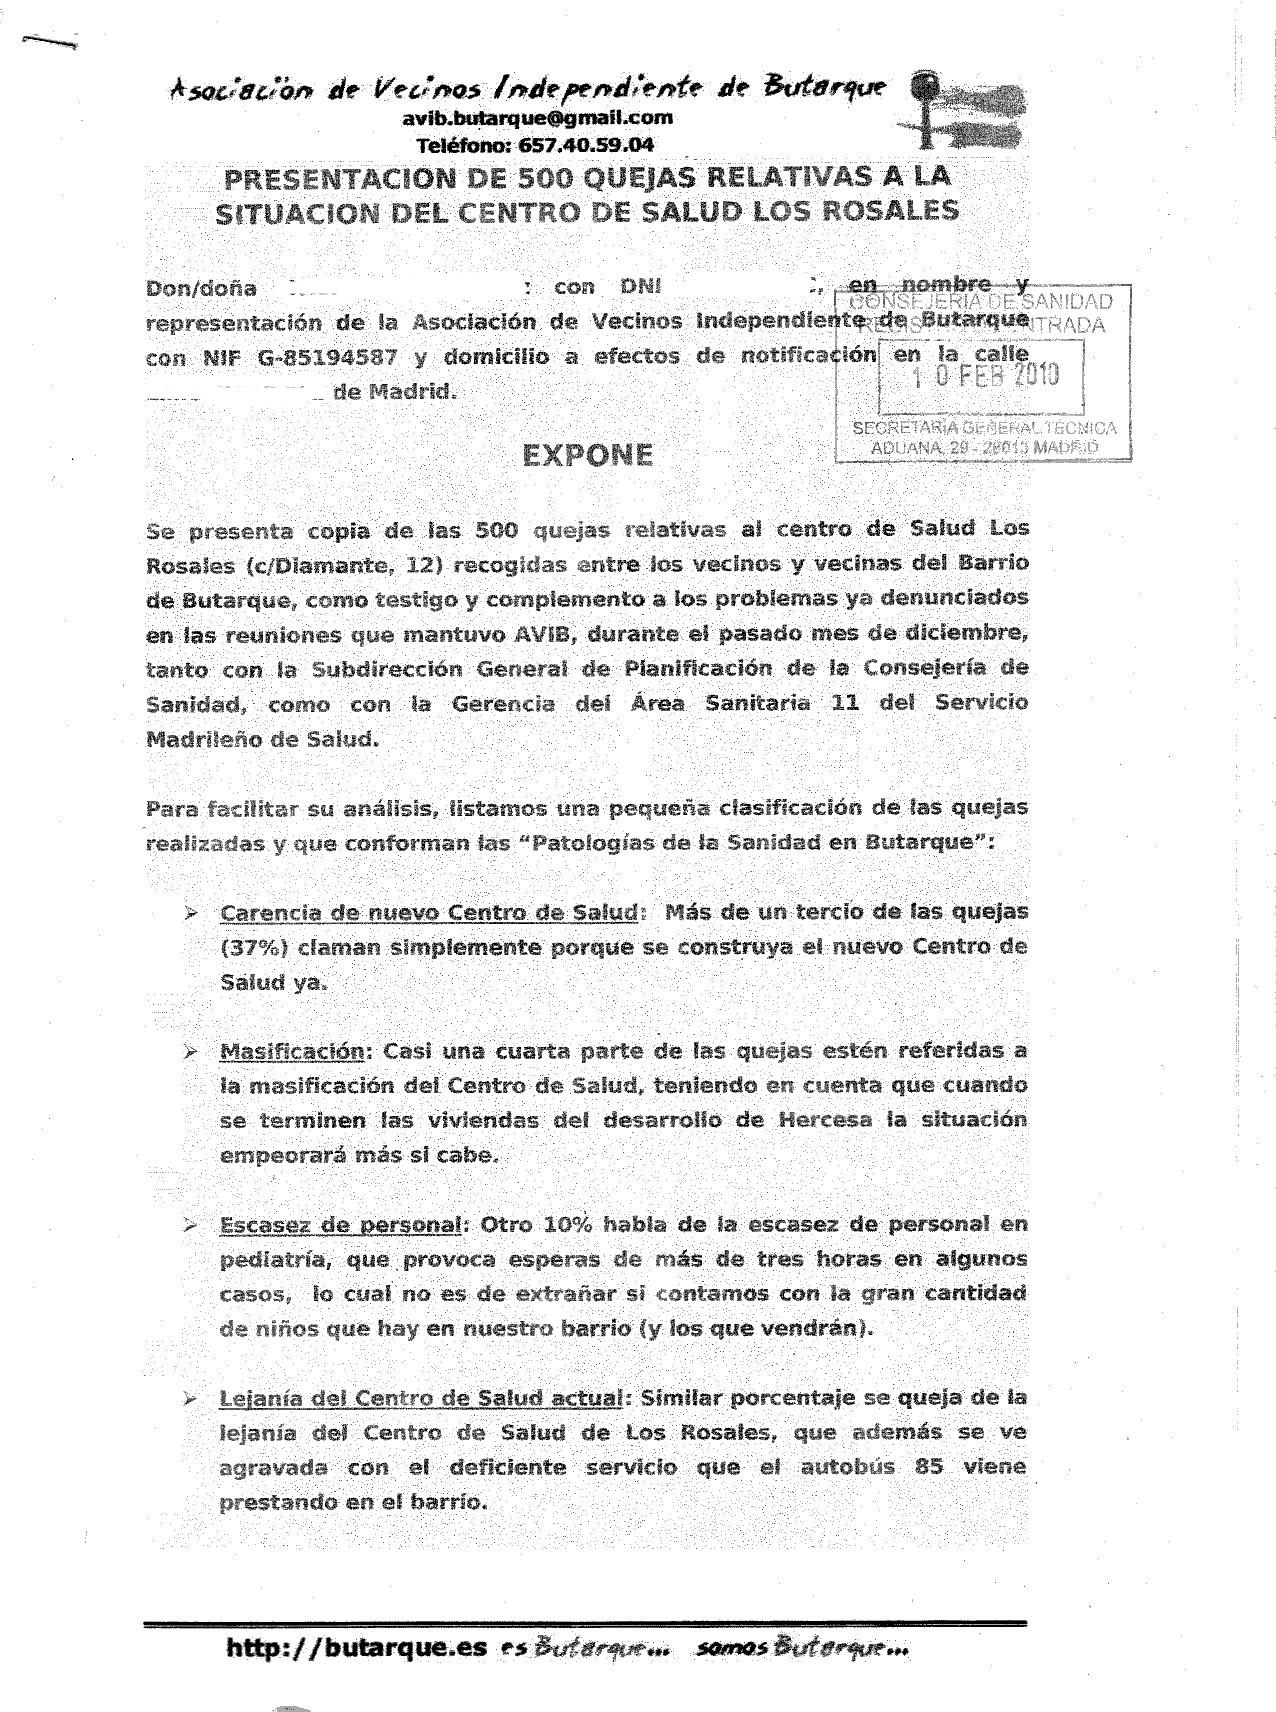 500_quejas_cs_los_rosales-3.jpg